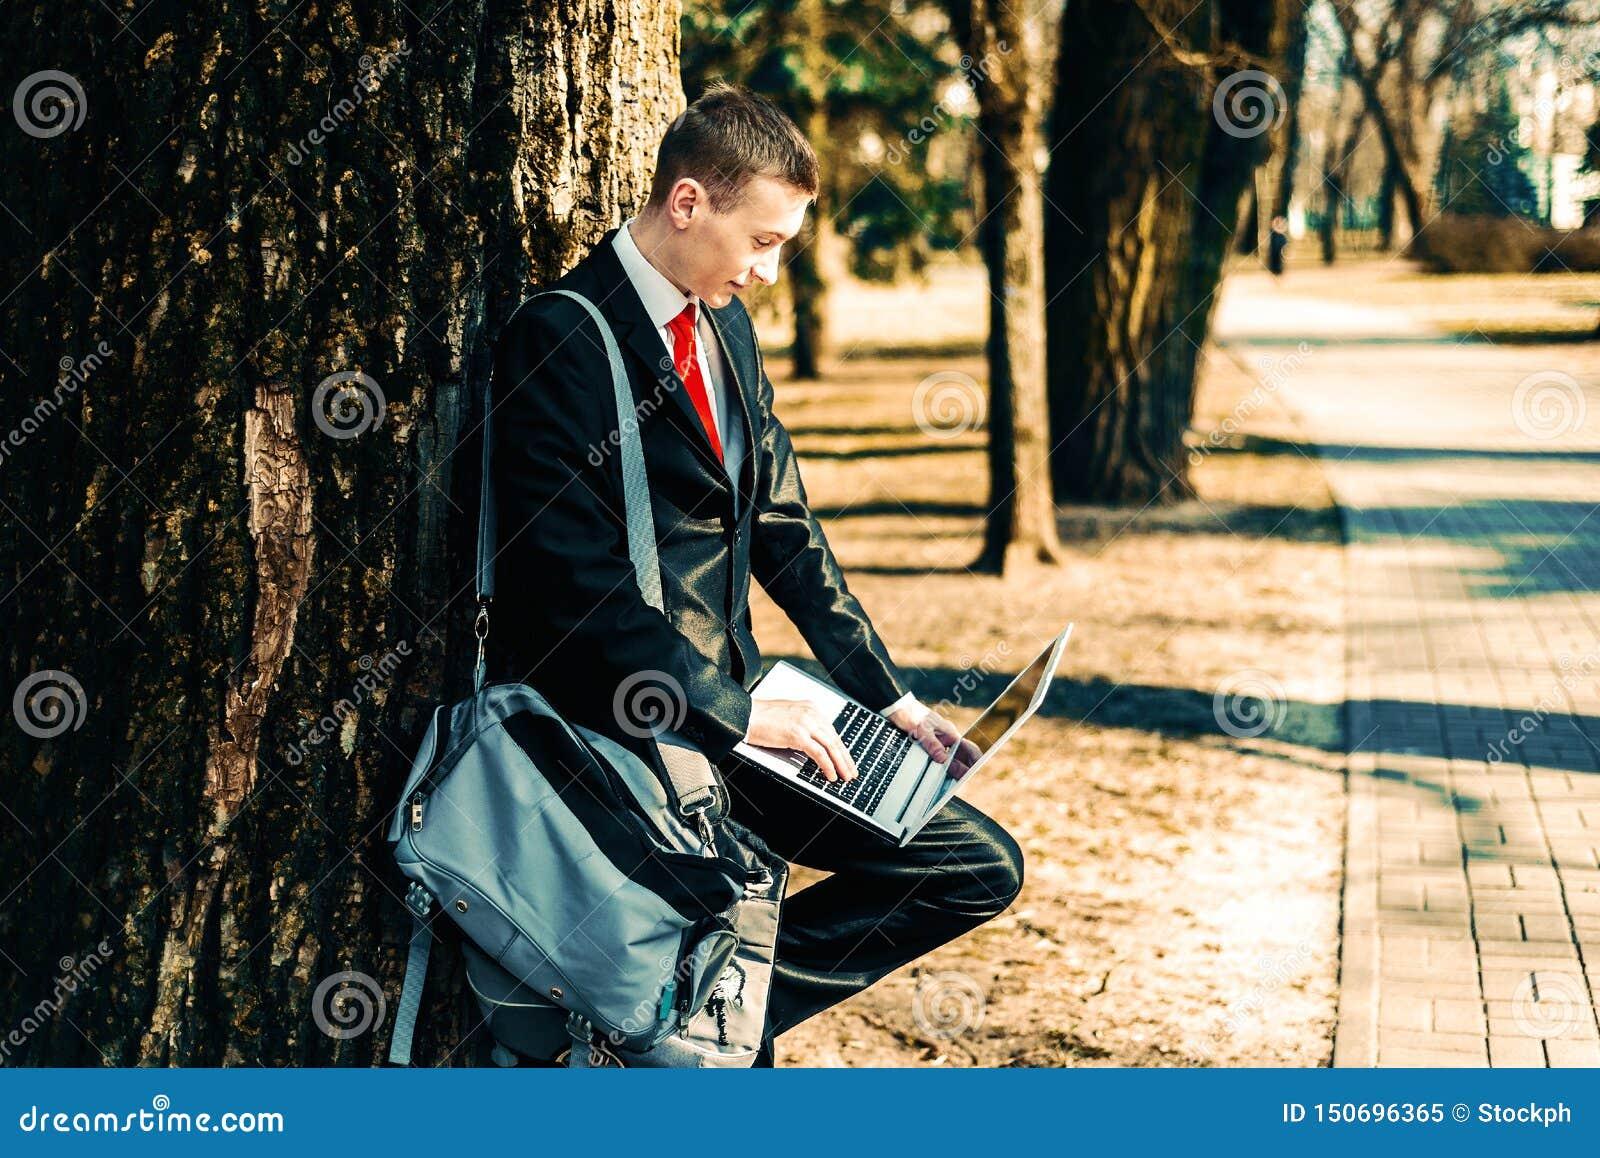 Portret uczeń w czarnym kostiumu czerwonym krawacie na naturze blisko wielkiego drzewa i na ramieniu młoda facet torba freelancer